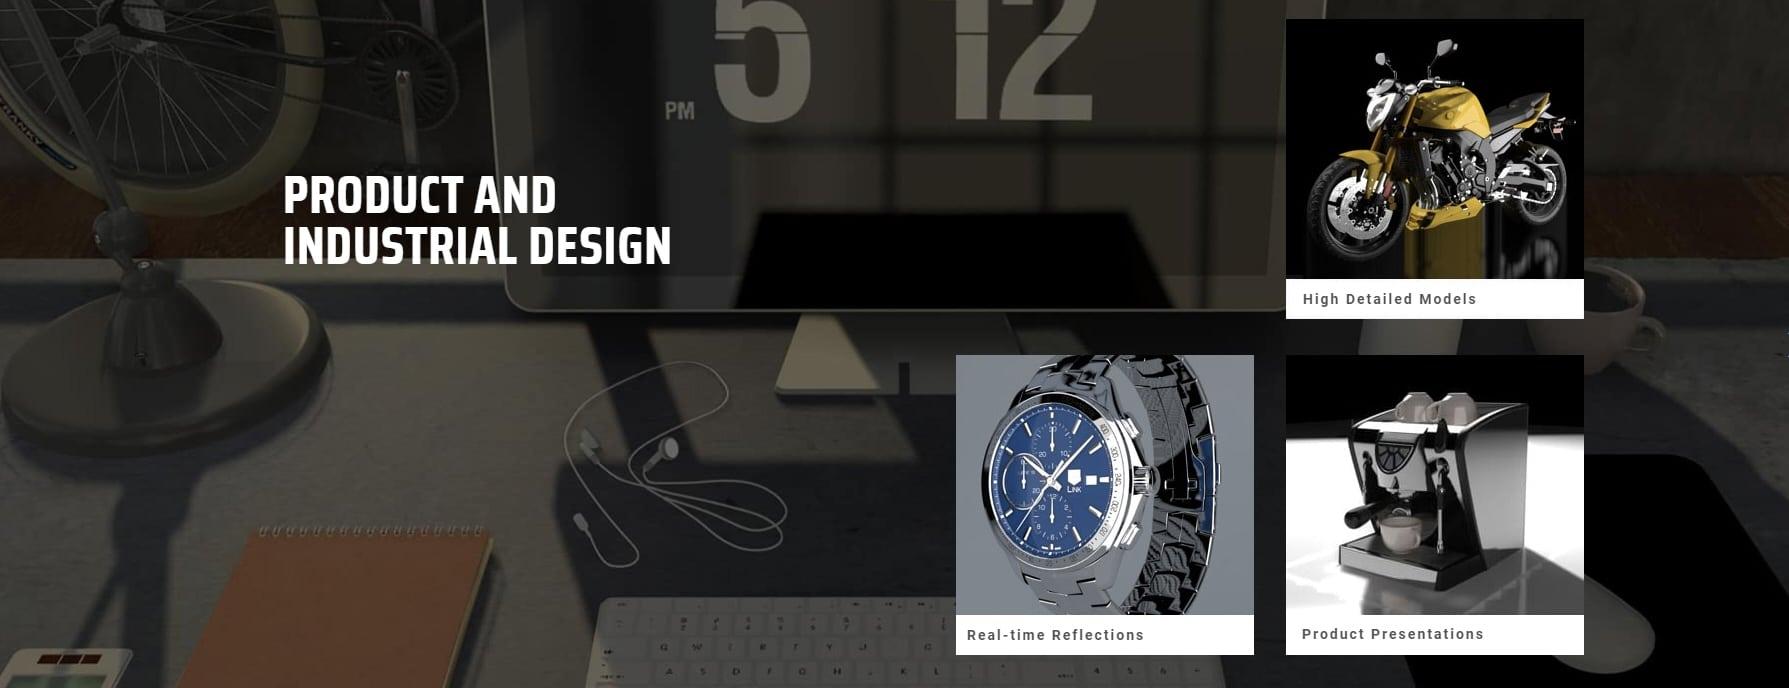 عرض المشاريع الصناعية والآلات (Product and Industrial Design)